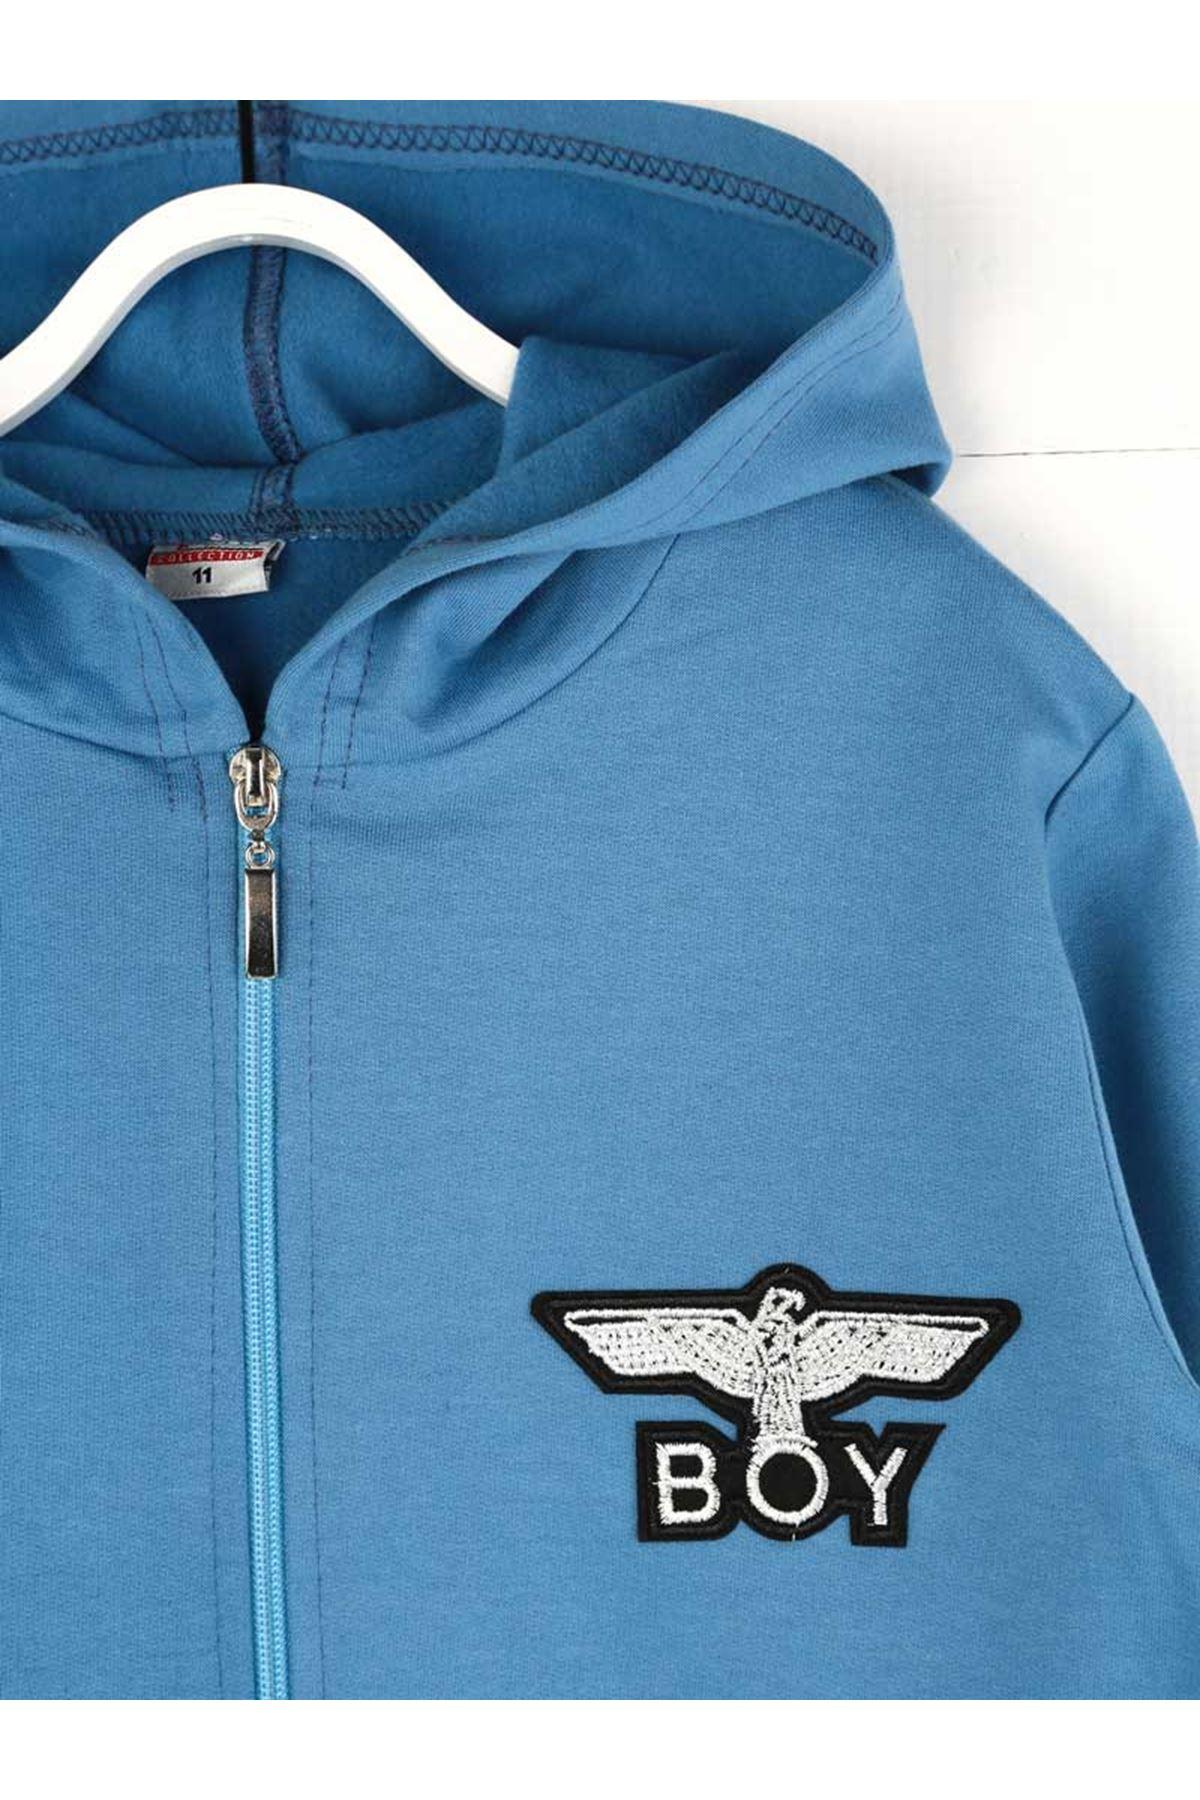 Mavi Mevsimlik Kapüşonlu Erkek Çocuk Sweatshirt